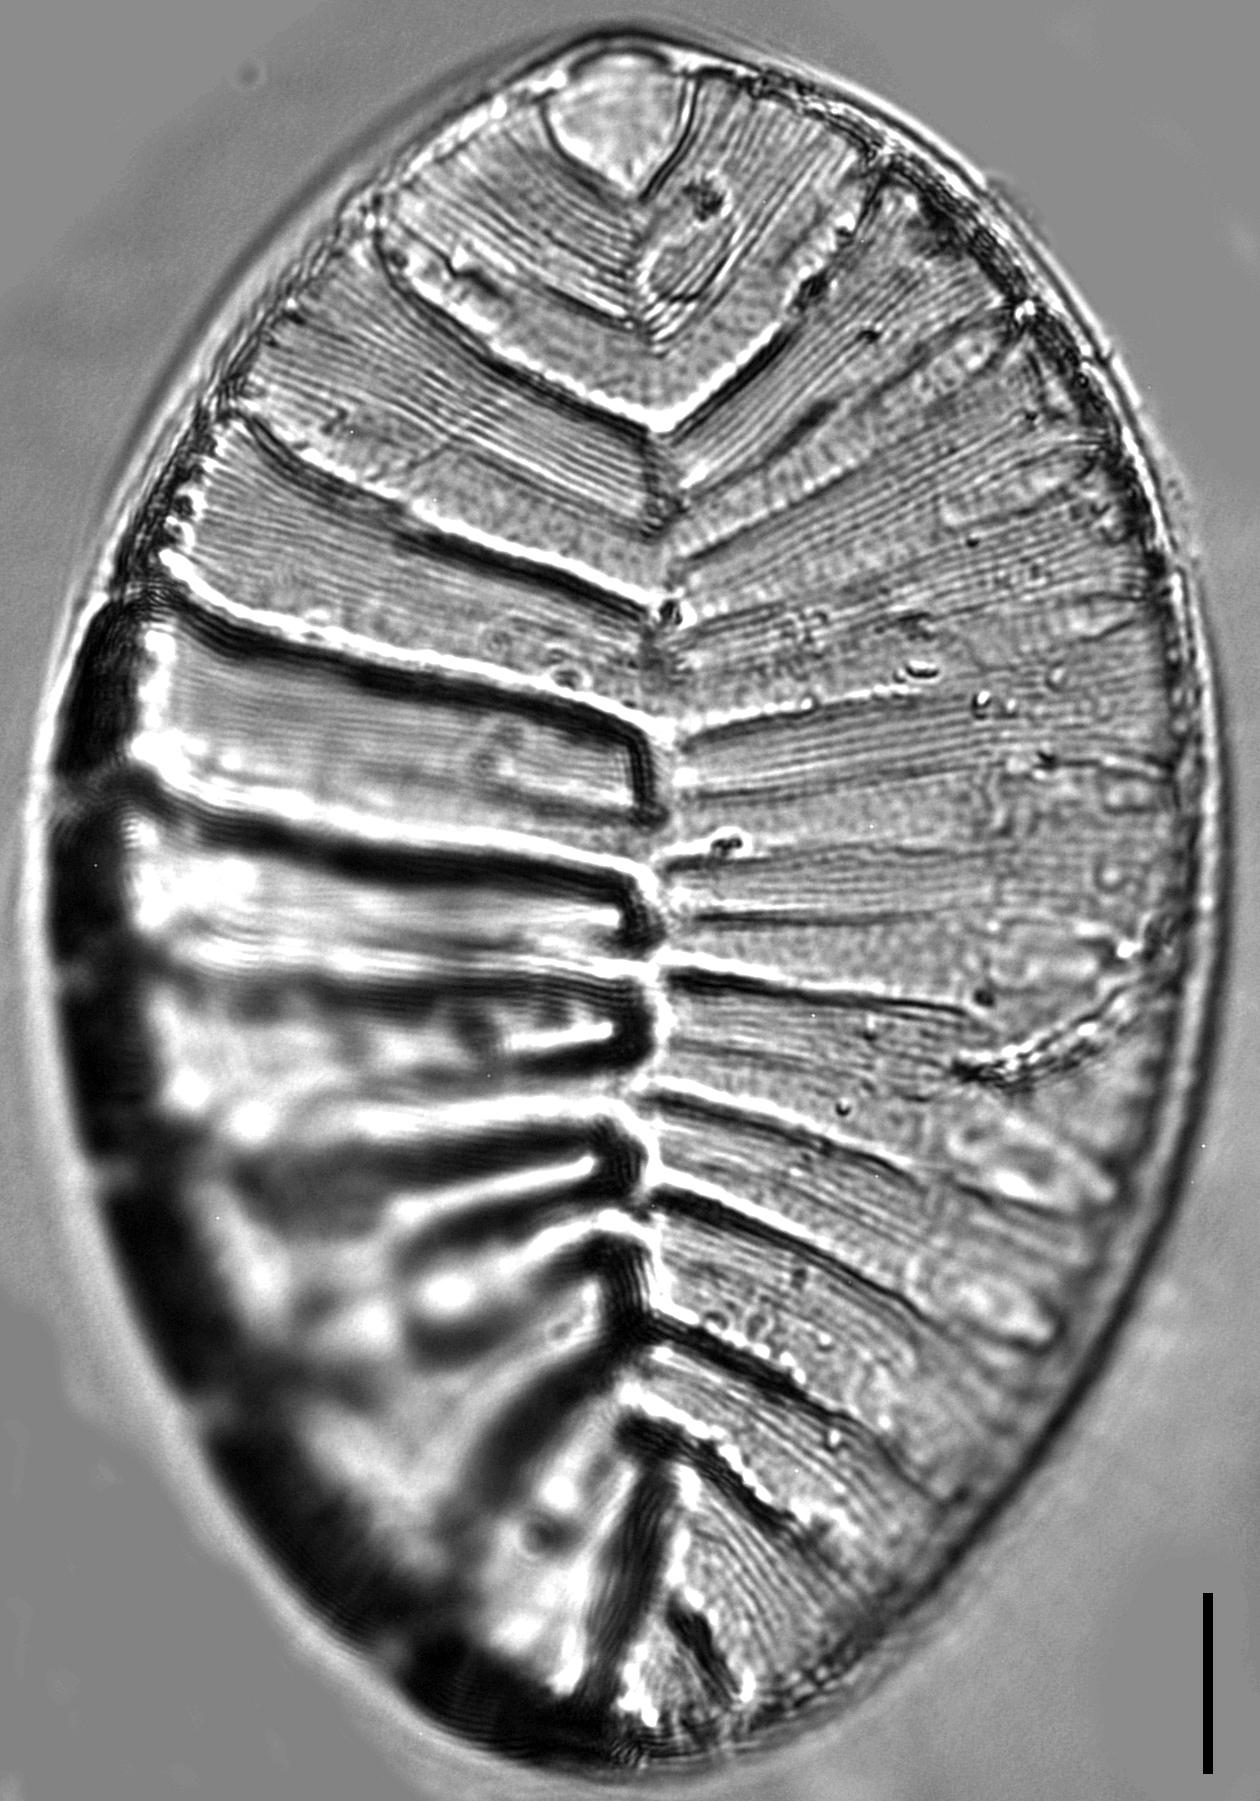 Surirella striatula LM7